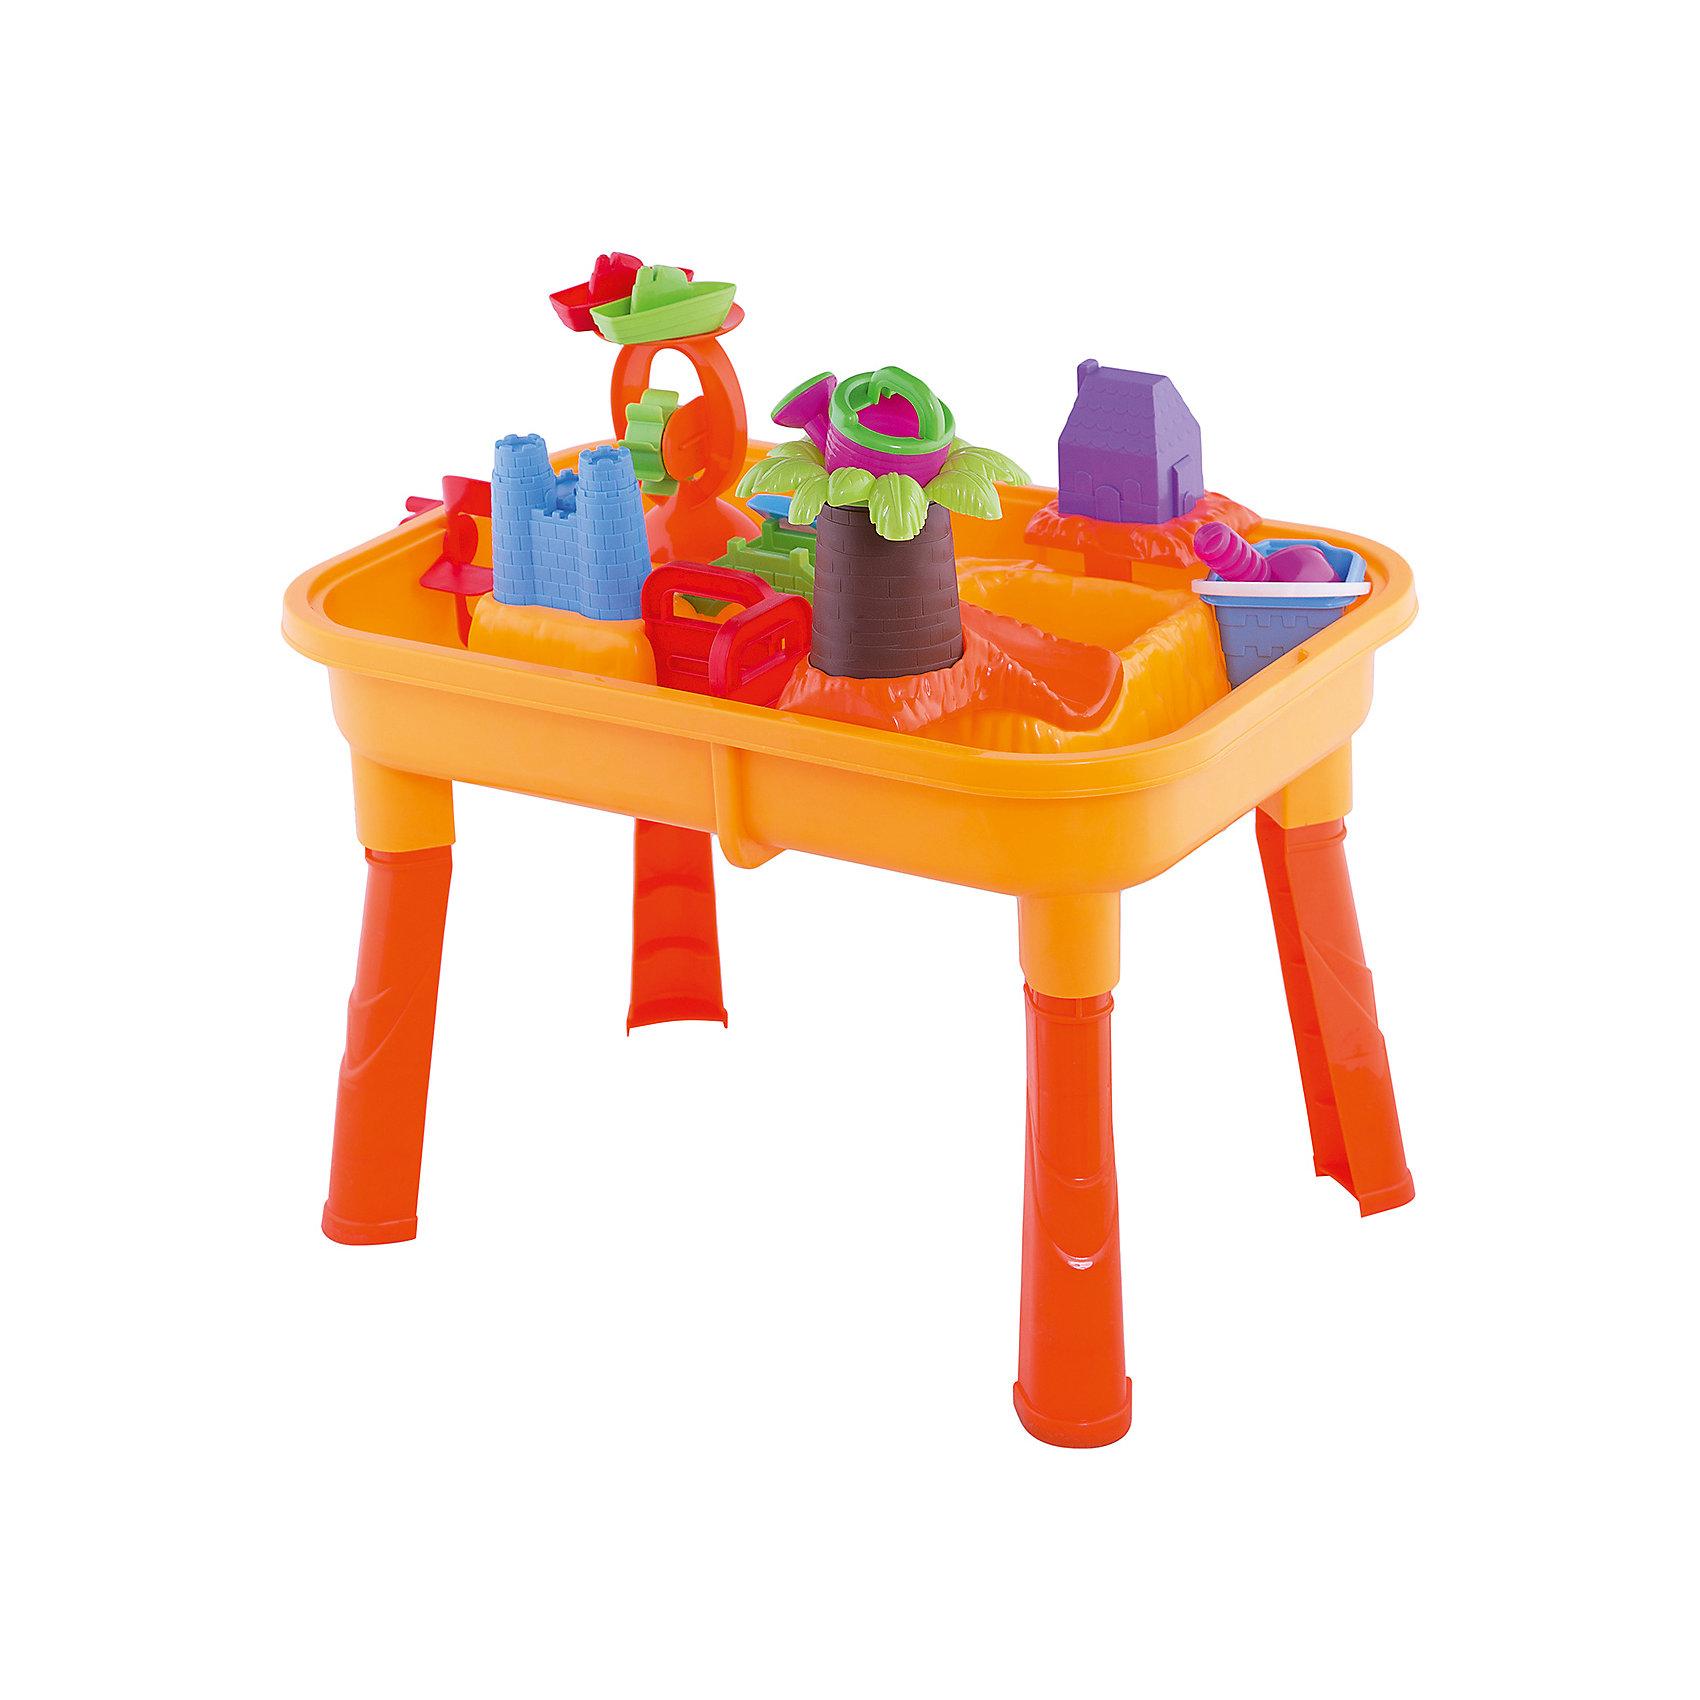 Набор для игры с песком и водой, 18 предметов, Toy TargetНабор для игры с песком и водой обязательно приведет в восторг вашего кроху. Набор очень легко собирается - нужно лишь прикрутить пластиковые ножки к столешнице и получится удобное пространство для интересных и полезных игр. Столешница имеет две ёмкости -  одну  для воды,  другую - для песка. Ваш малыш сможет на свой вкус расставлять предметы, строить замок, домик, мостик, мельницу, ворота и многое другое. Игры с песком и водой не только интересны, они развивают мелкую моторику, тактильные ощущения, фантазию, снимают нервное напряжение. Набор выполнен из высококачественного прочного пластика, легко собирается и разбирается, занимает мало места при хранении и транспортировке; его  можно брать с собой на дачу или пикник.<br><br>Дополнительная информация:<br><br>- Комплектация: столешница и 4 ножки; пальма с горкой (4 детали); водяная (песочная) мельница; лопасти;  ворота-загородки (2 шт.); мостик; домик и башни замка (можно использовать как формочки); замковый мостик; совок и грабельки на двух сторонах (длина 22 см); черпачок; леечка; кораблики ( 2 шт.); ведерко.<br>- Материал: пластик.<br>- Размер ( с ножками): 67х42х40 см.<br>- Размер (без ножек): 67х42х15 см.<br>- Артикул 44002.<br><br>Набор для игры с песком и водой, Toy Target можно купить в нашем магазине.<br><br>Ширина мм: 630<br>Глубина мм: 140<br>Высота мм: 420<br>Вес г: 2600<br>Возраст от месяцев: 36<br>Возраст до месяцев: 60<br>Пол: Унисекс<br>Возраст: Детский<br>SKU: 4018269